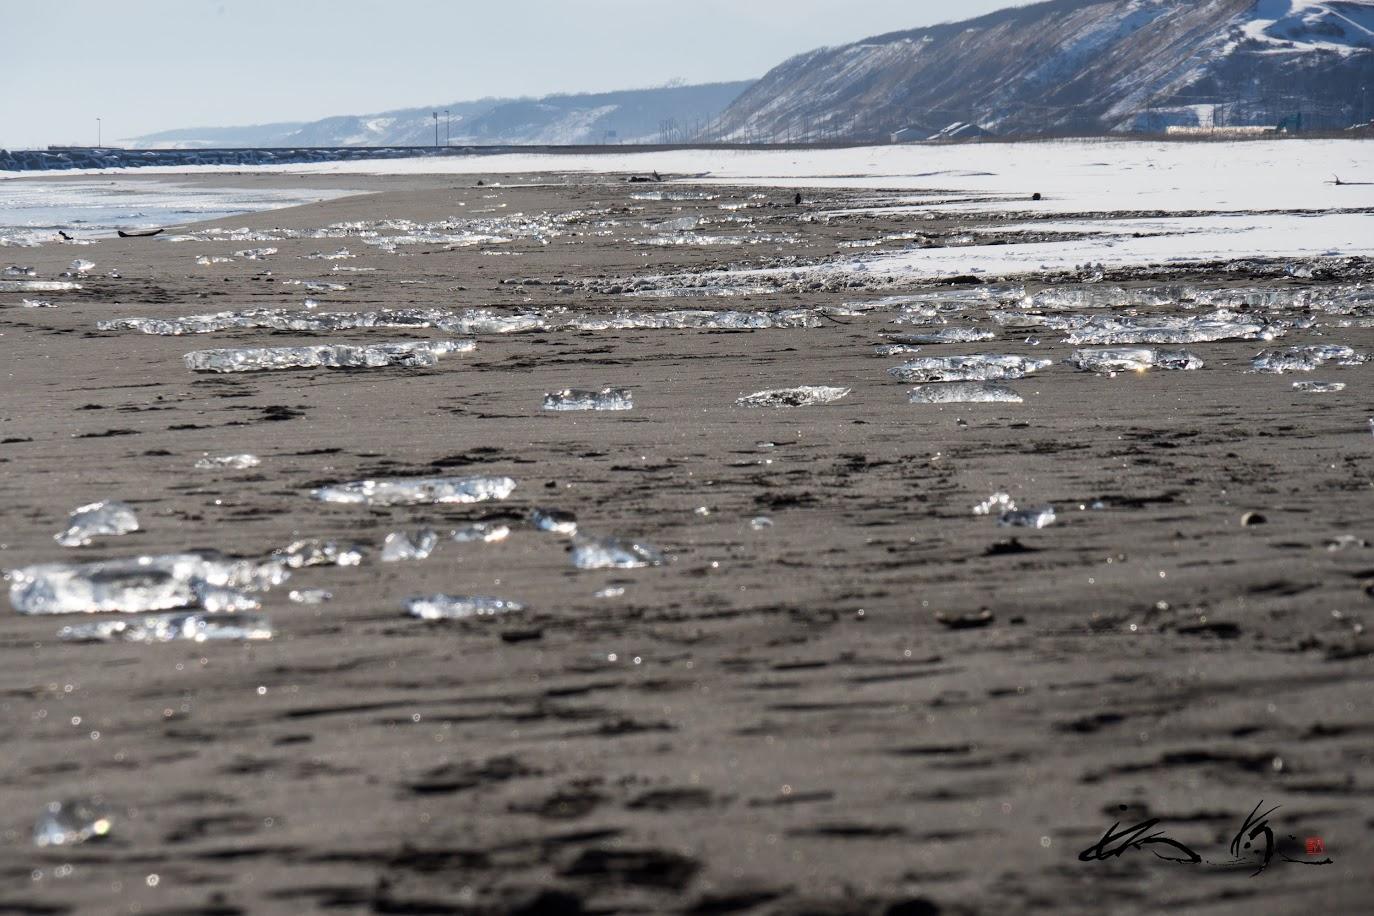 砂浜に打ち上げられた氷の塊